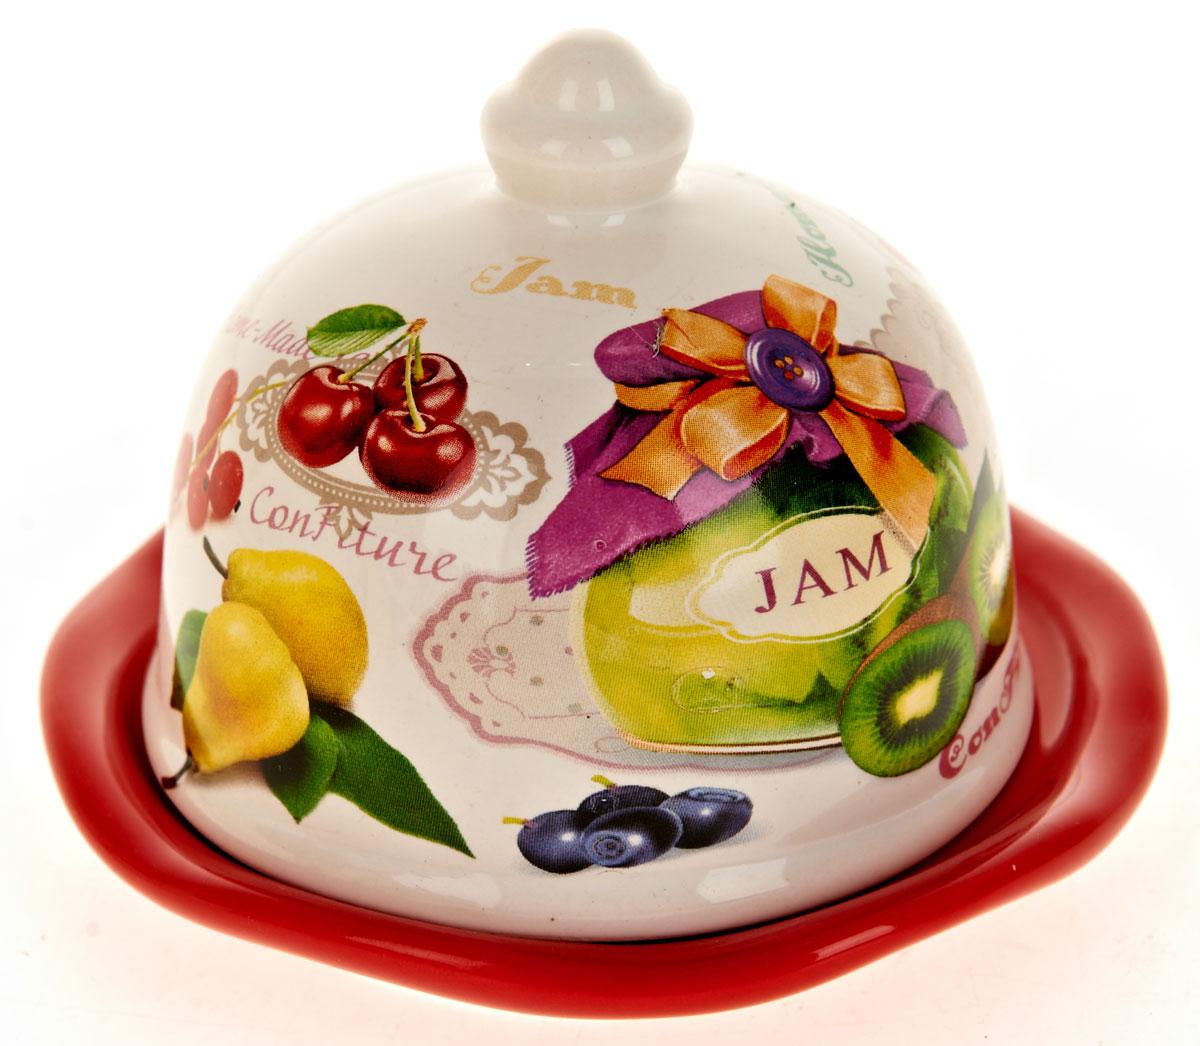 Лимонница ENS Group Джем. L2430705115510Лимонница Джем выполнена из высококачественной керамики и состоит из блюдца и крышки. Изделие украшено оригинальным узором. Лимонница Джем доставит истинное удовольствие ценителям прекрасного и поможет сохранить свежесть лимона на длительный срок. Яркий дизайн, несомненно, придется вам по вкусу. Не рекомендуется мыть в посудомоечной машине.